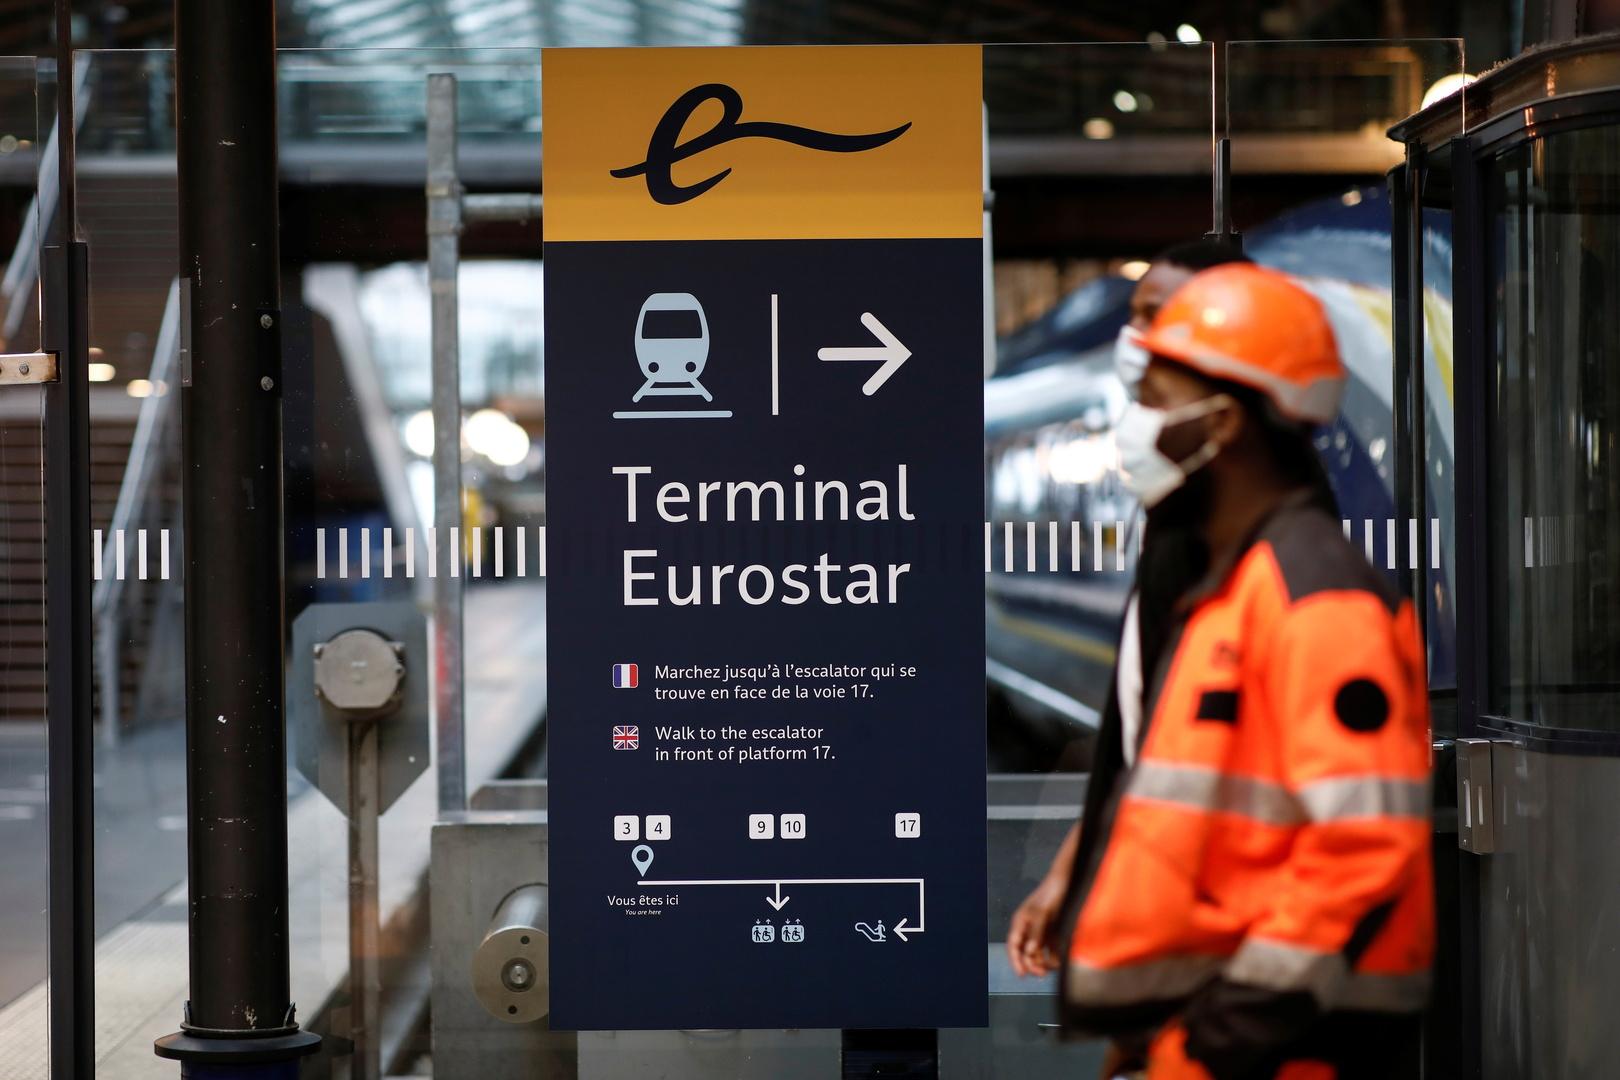 فرنسا تسجل قرابة 16 ألف إصابة بكورونا خلال 24 ساعة